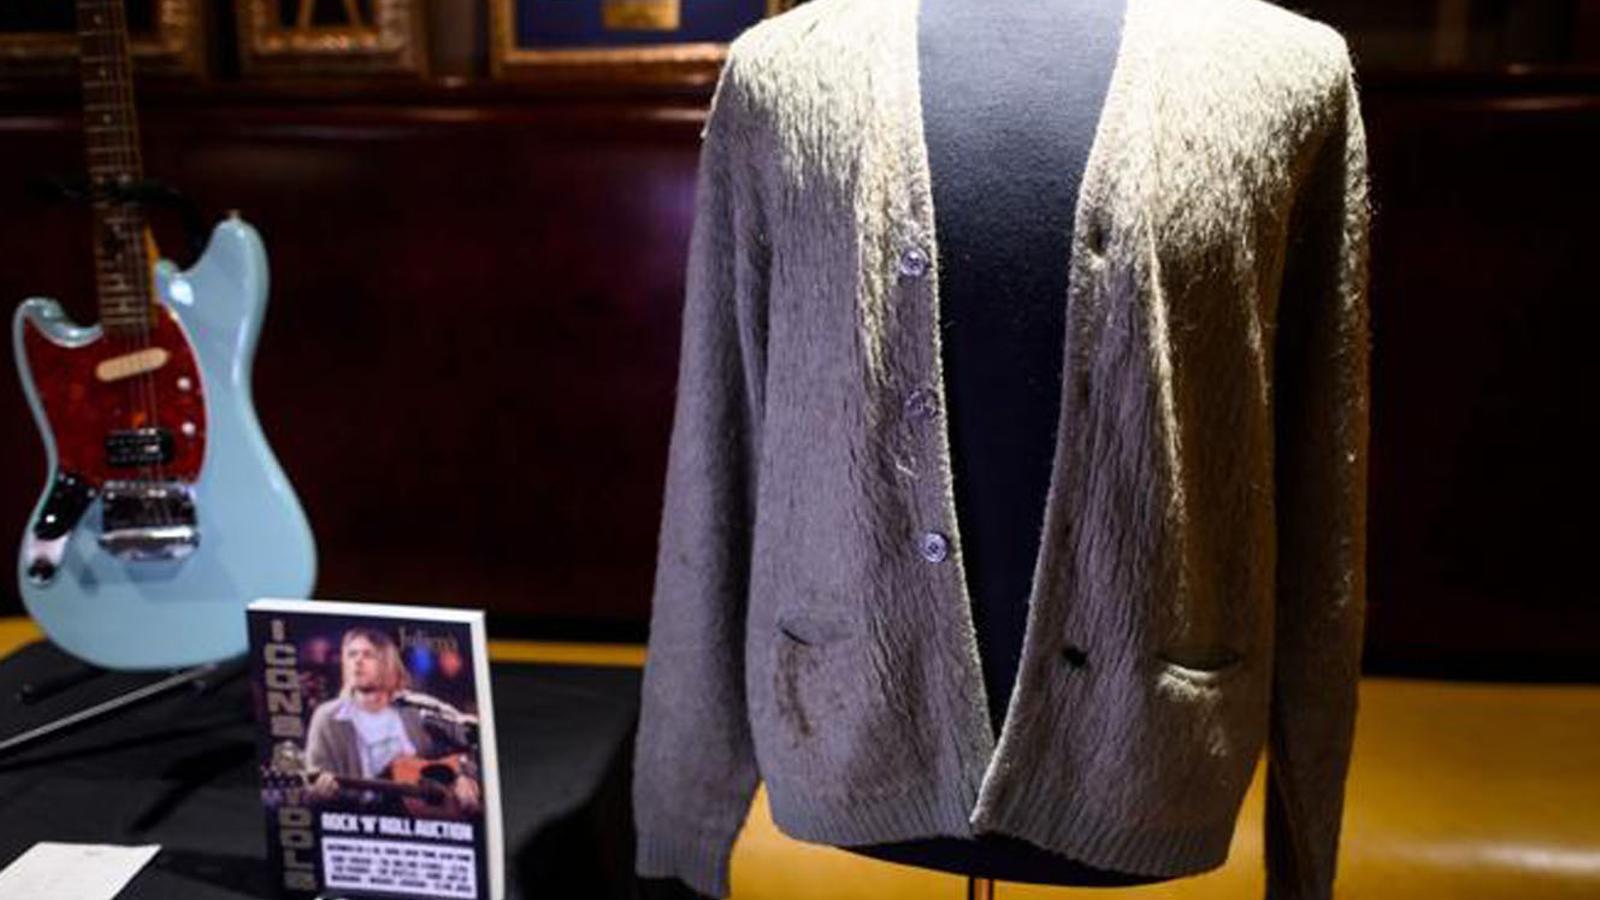 El famós jersei de Cobain. / JOHANNES EISELE / AFP